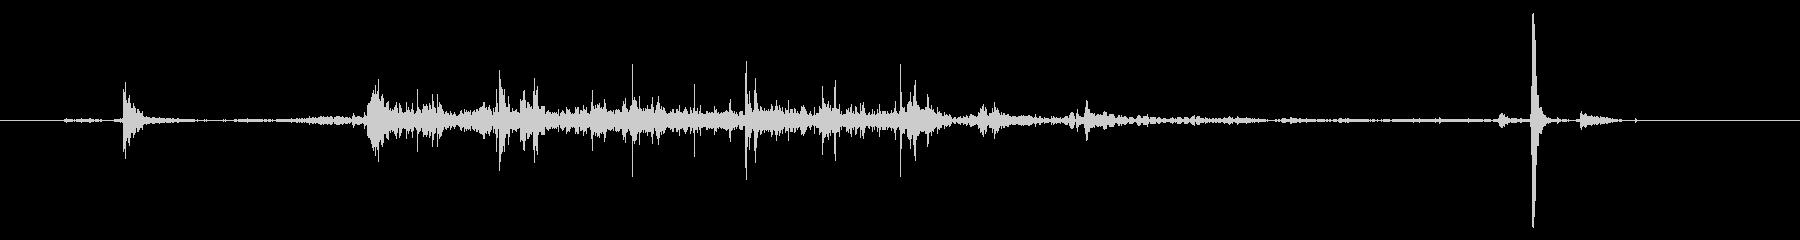 【録音】手を洗う音の未再生の波形